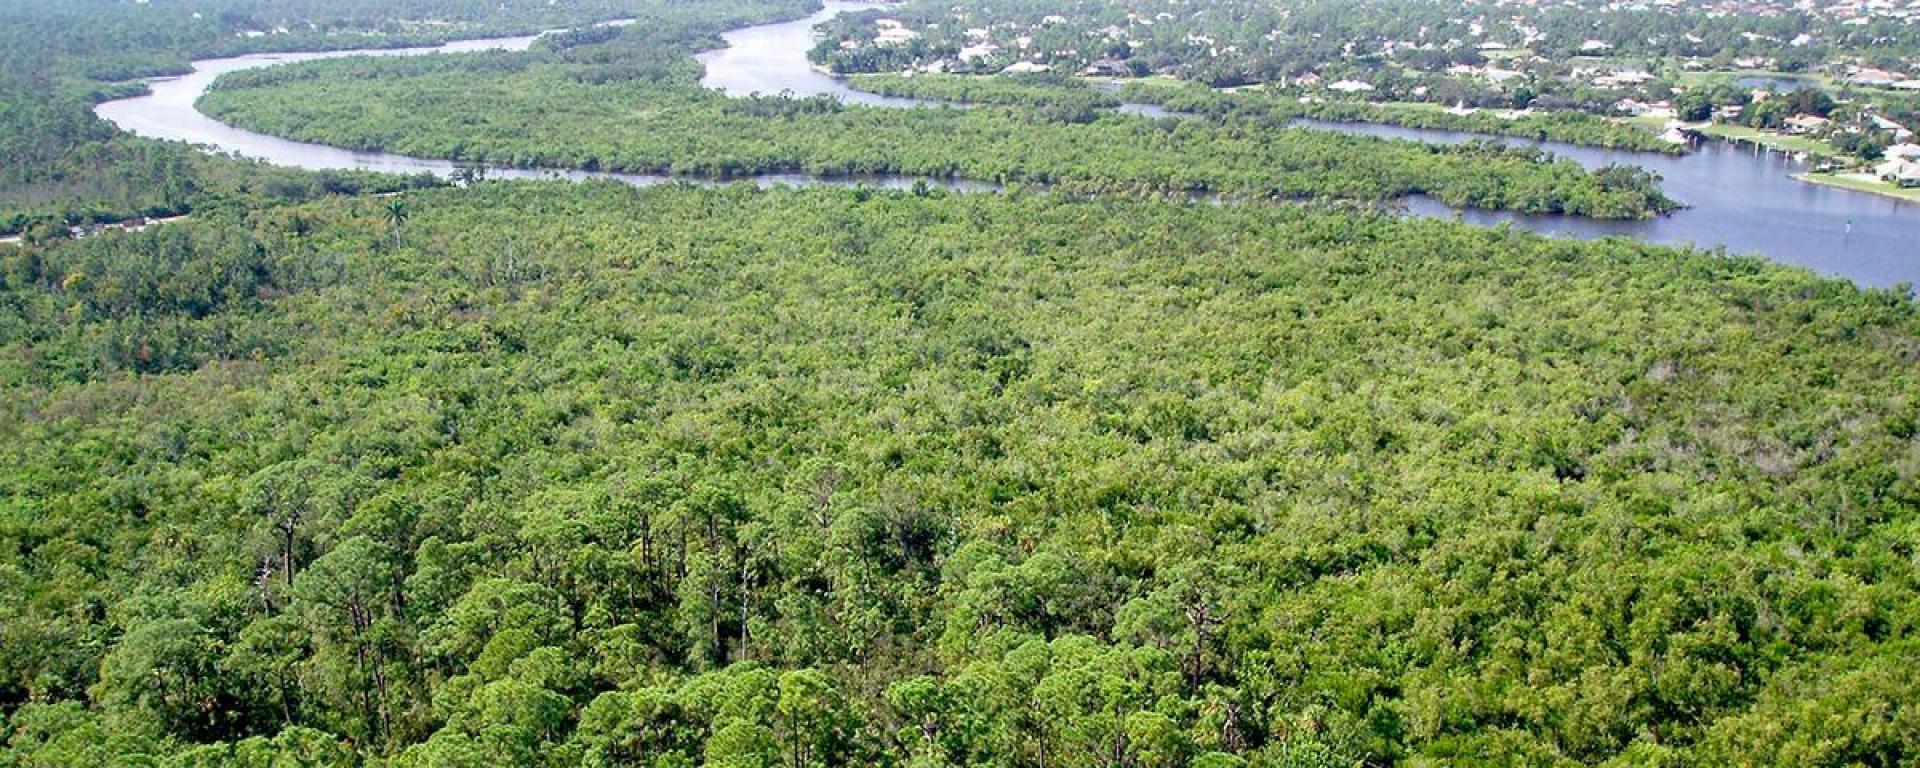 An aerial above Kiplinger preserve